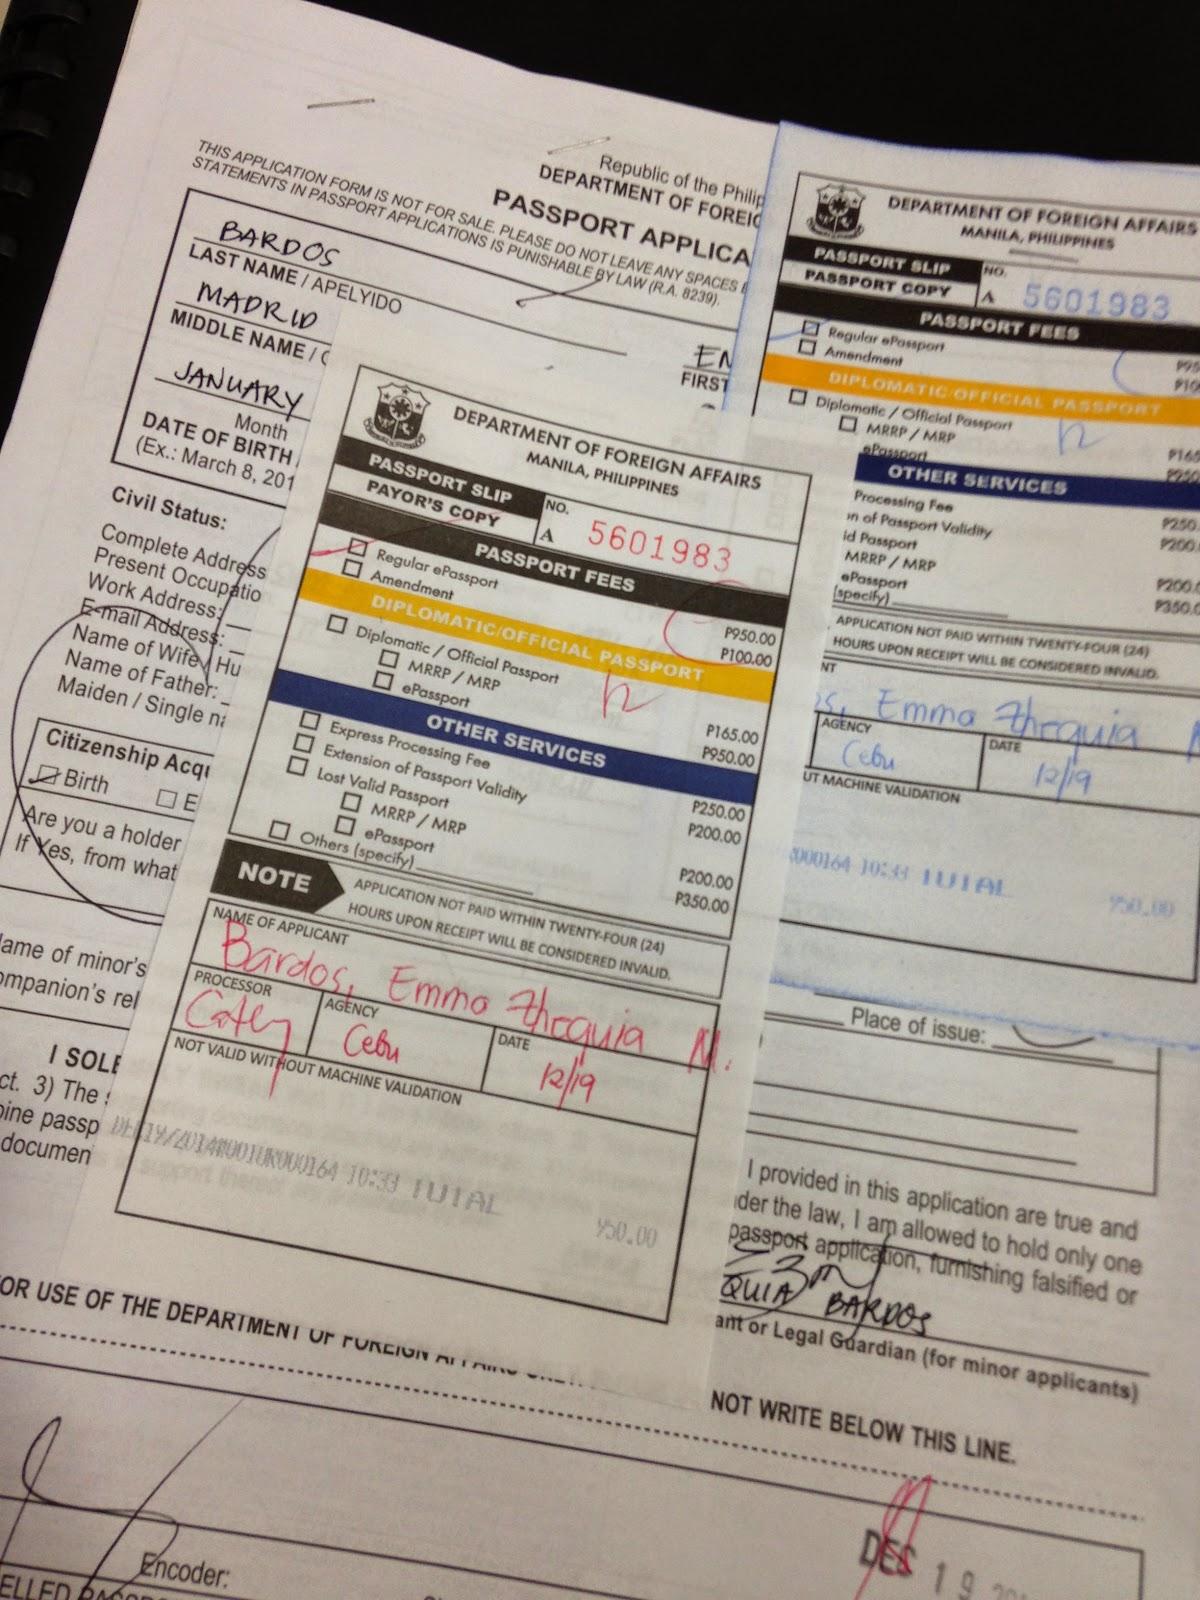 FTW! Blog, DFA, Pacific Mall, Mandaue, DFA Cebu, How to get a passport